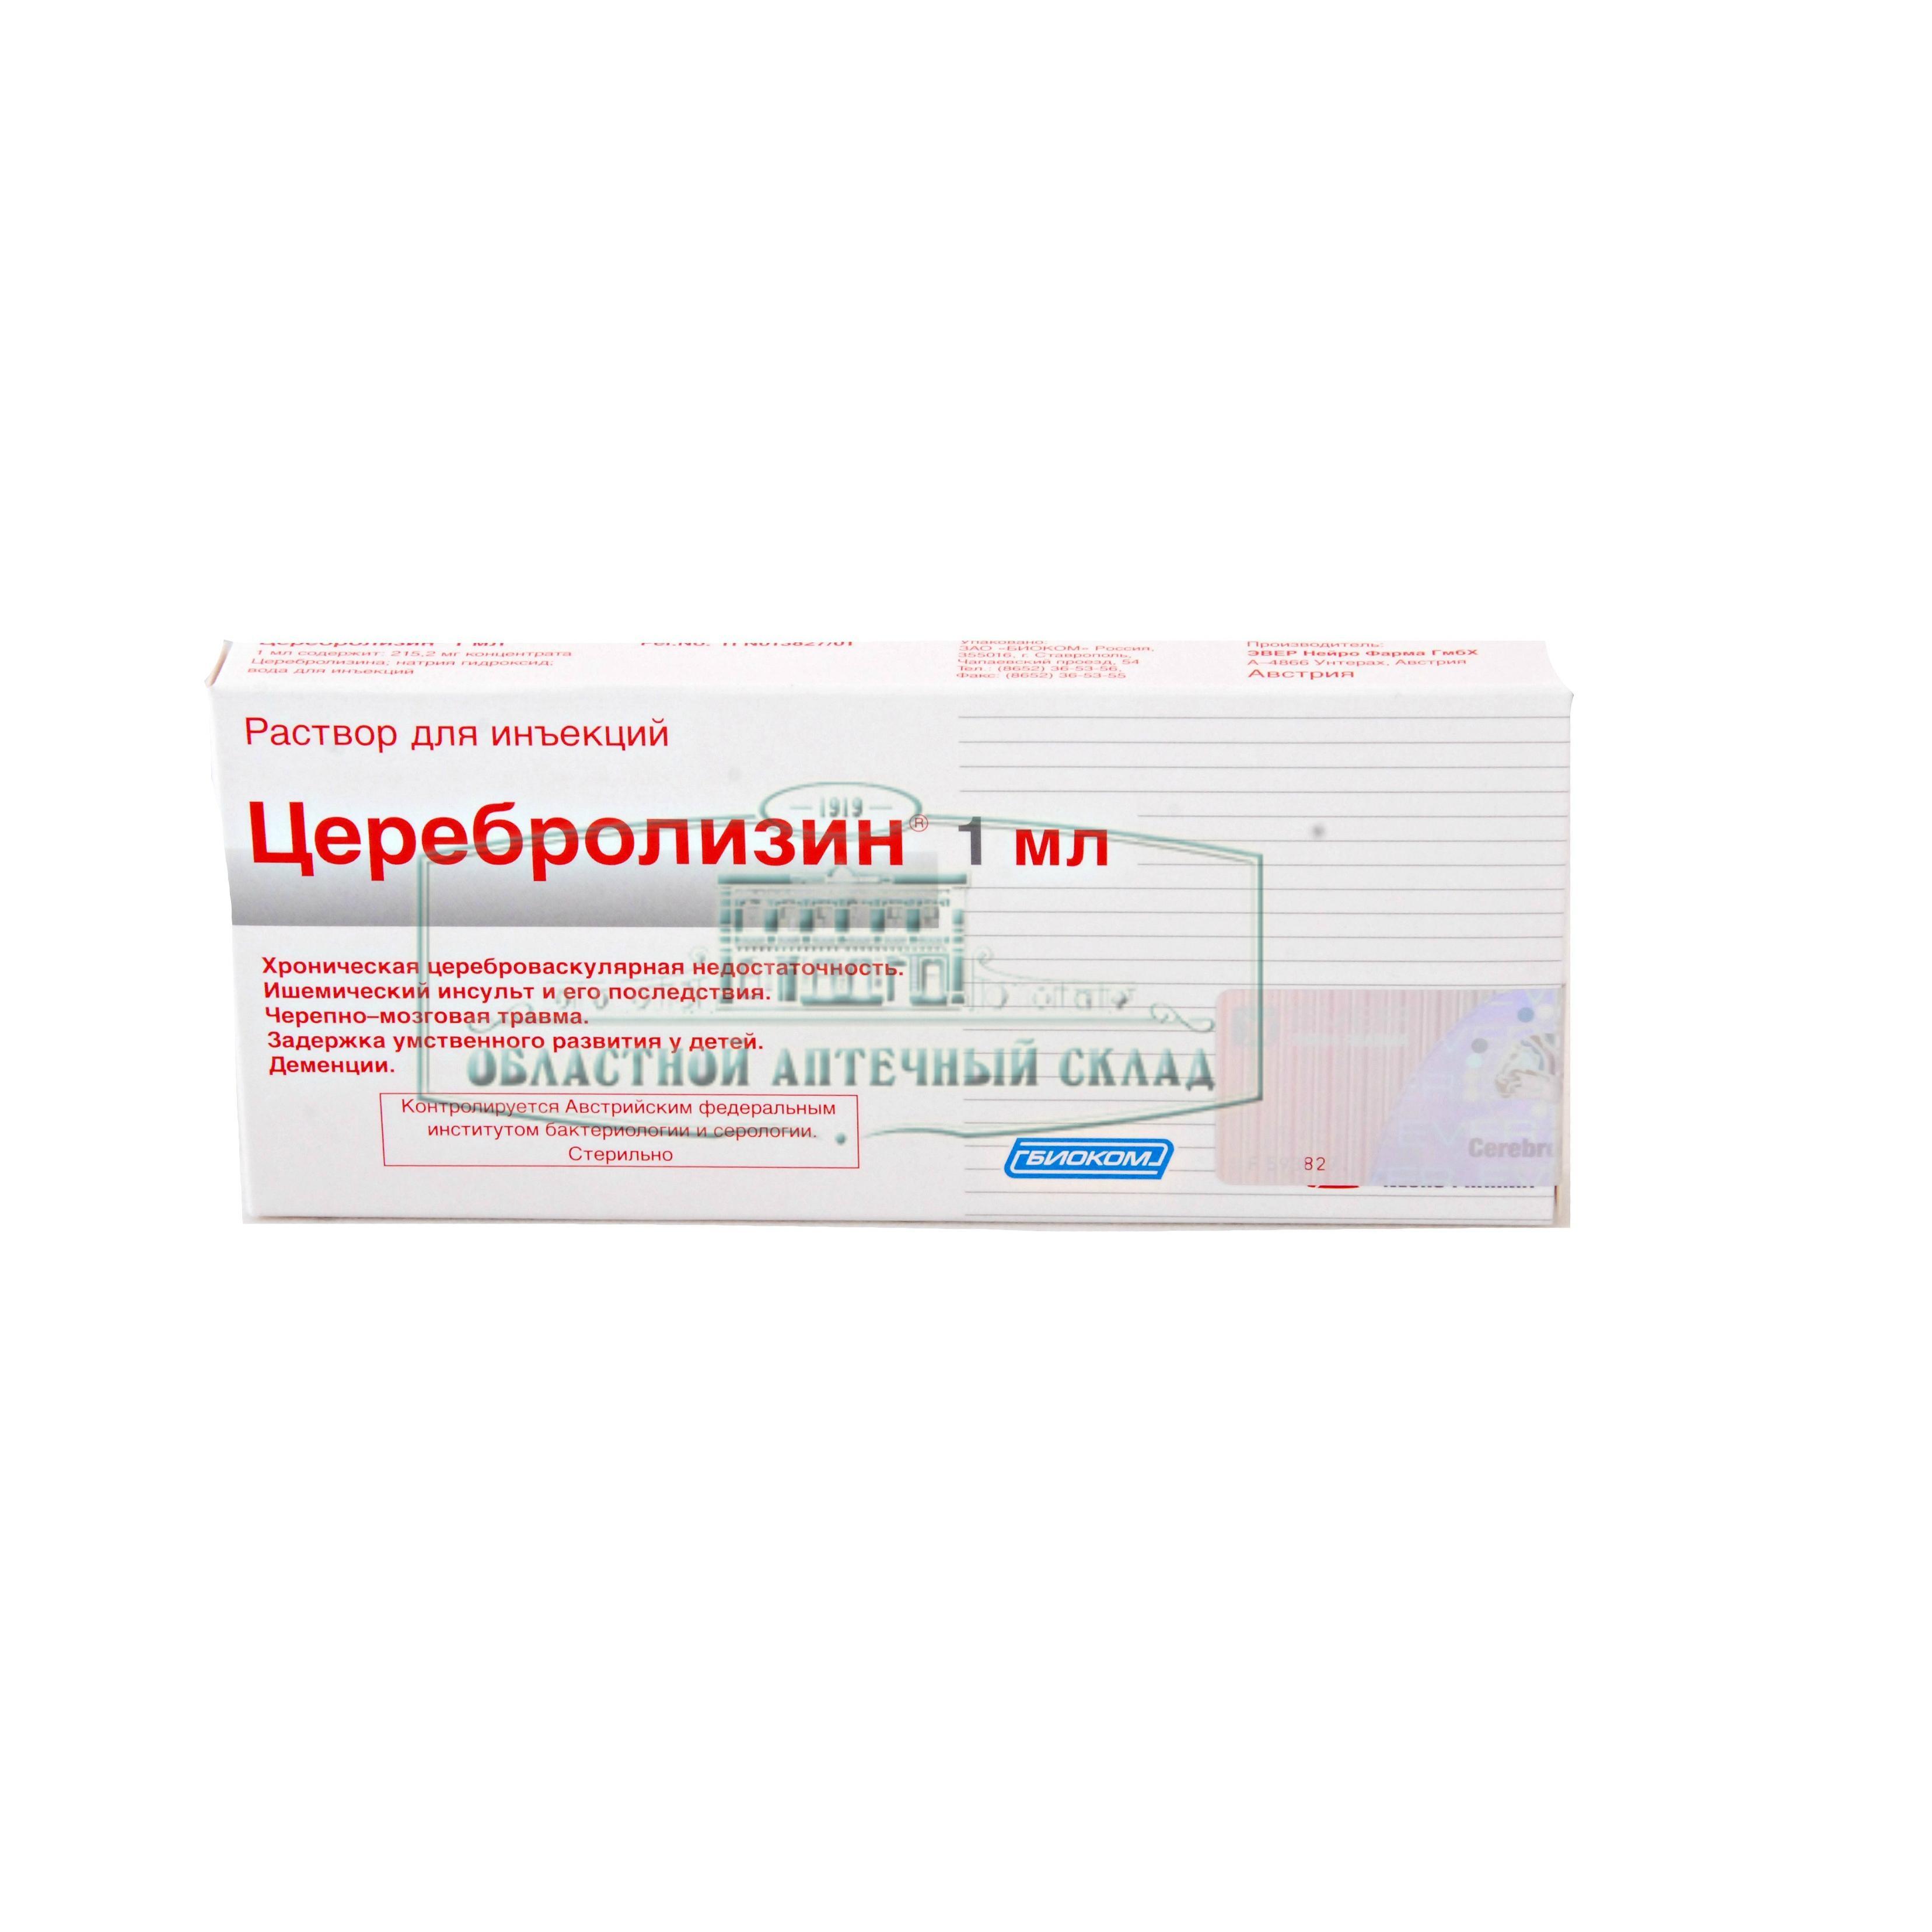 Ноотропный препарат, содержащий низкомолекулярные биологически активные пептиды аптека в египте стероиды